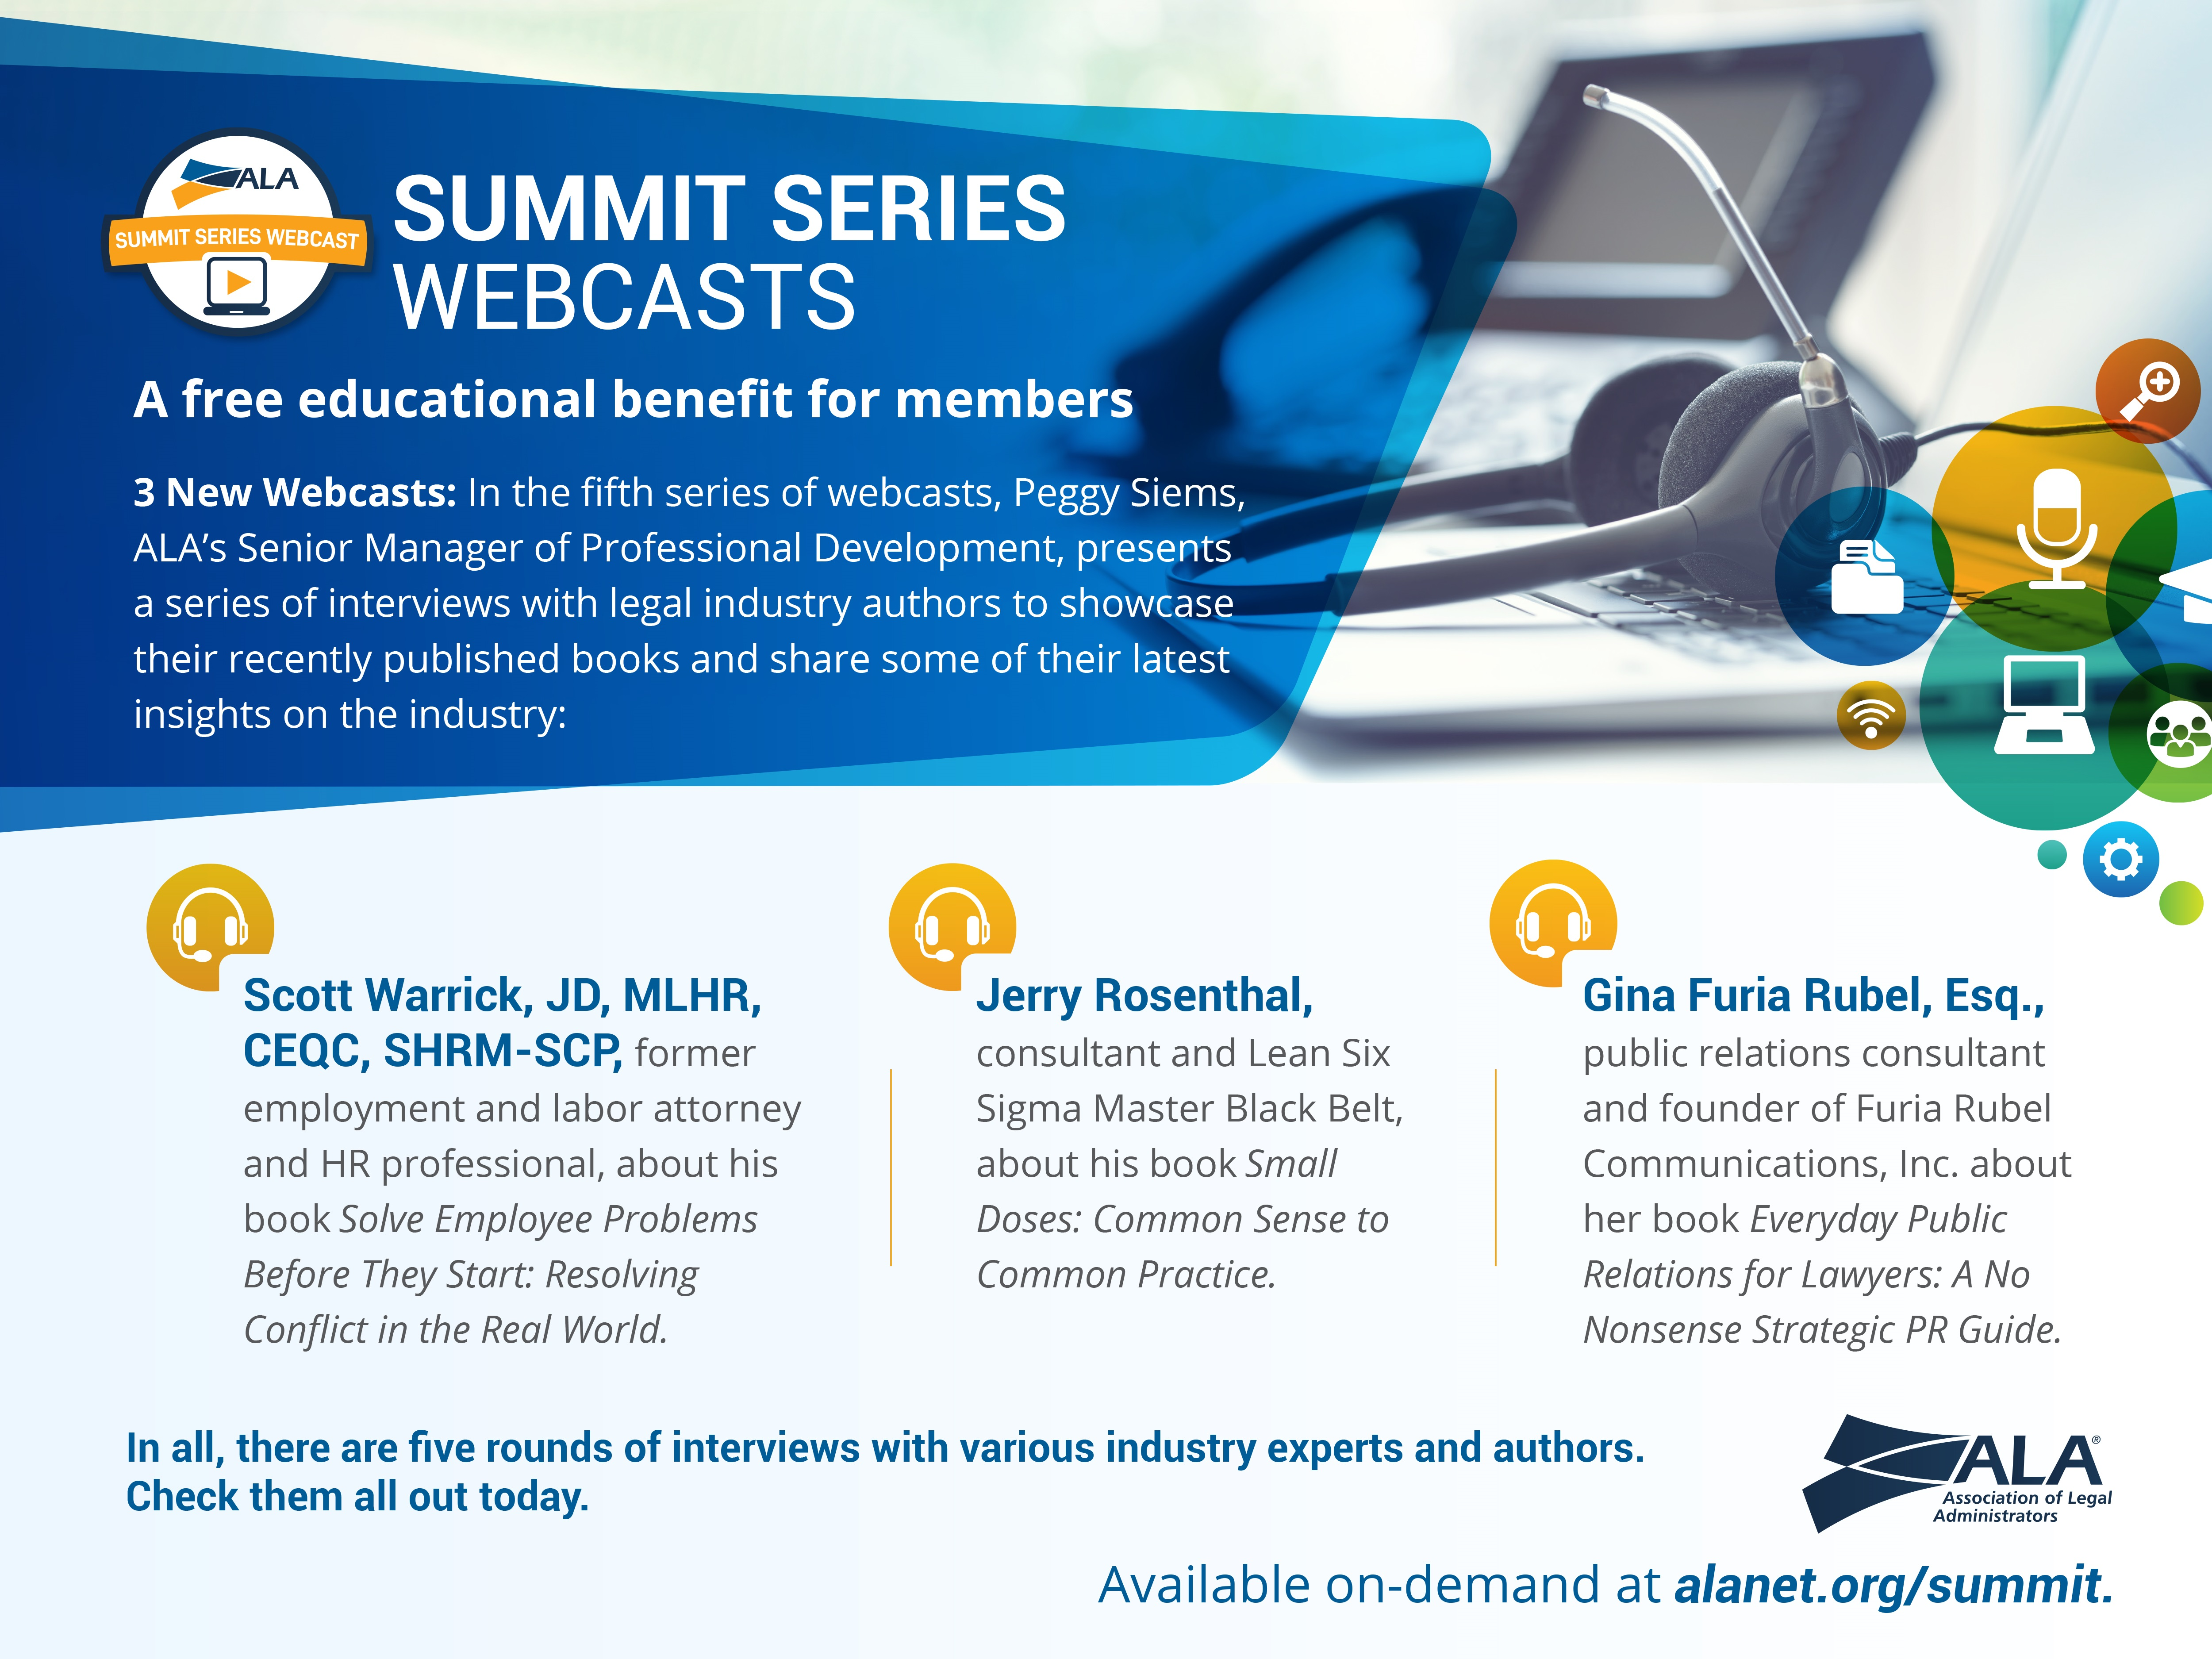 ALA Summit Series Webcasts